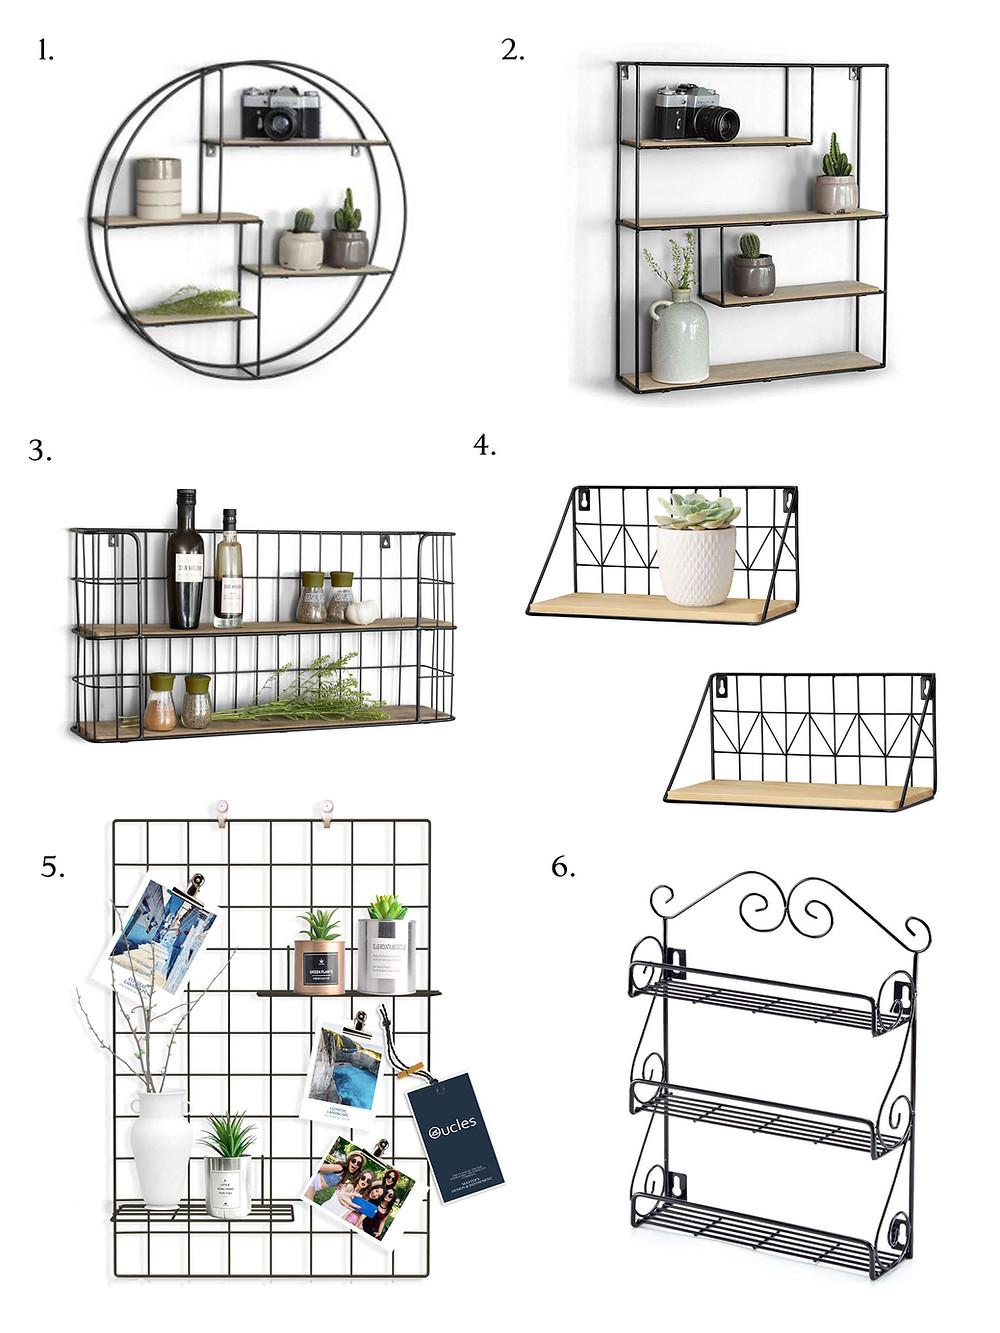 Eco-friendly home decor items